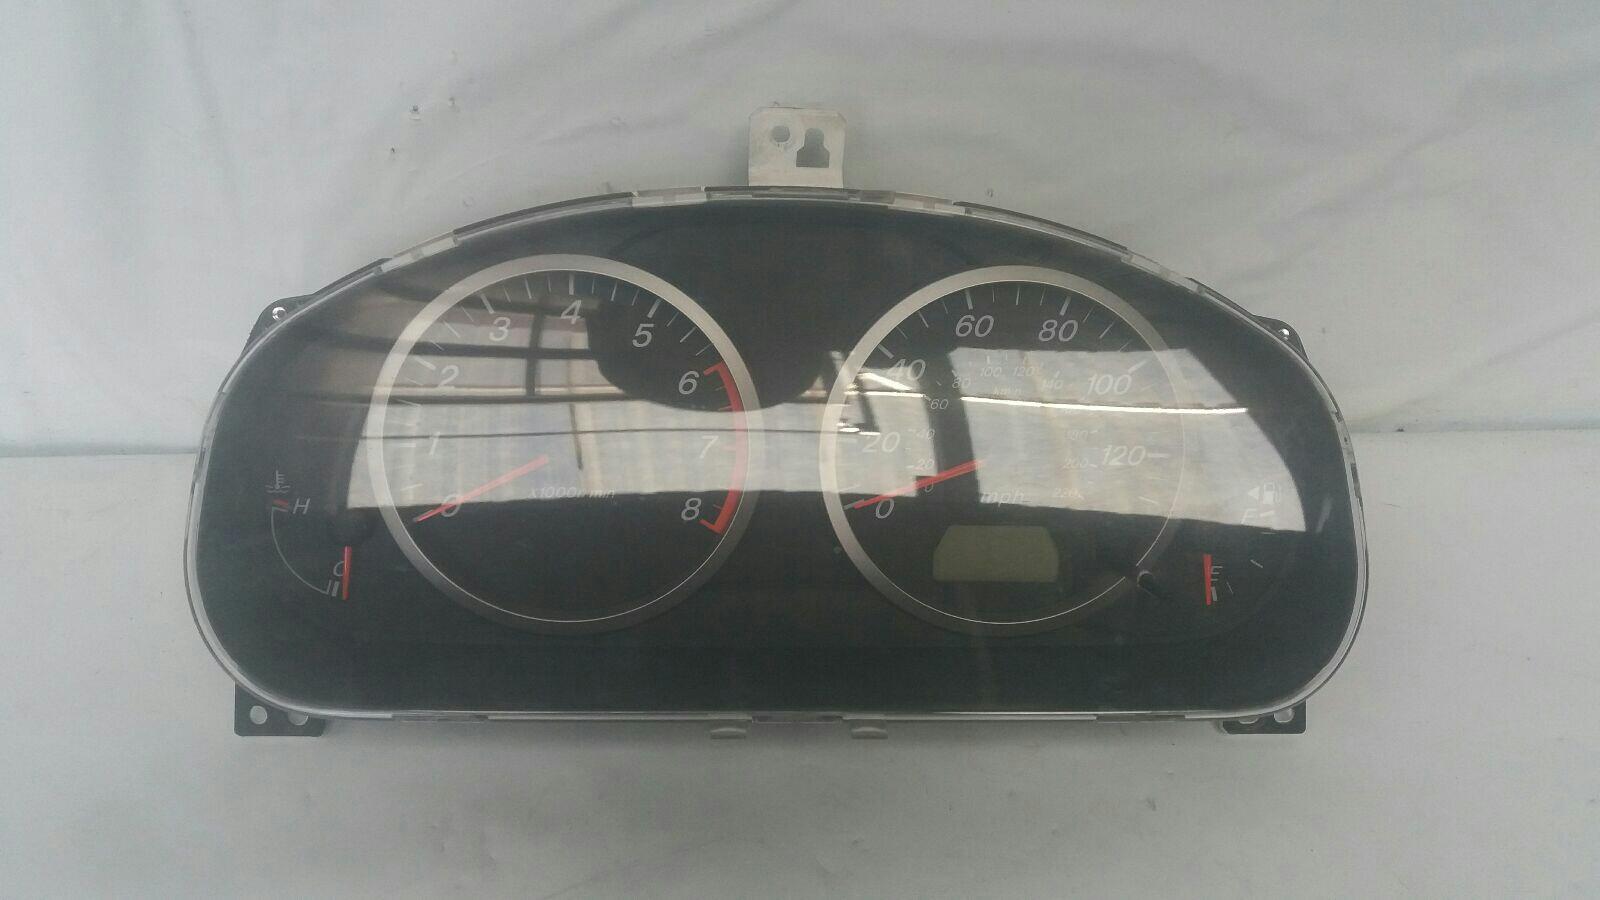 Mazda 2 2003 To 2007 Capella Instrument Cluster